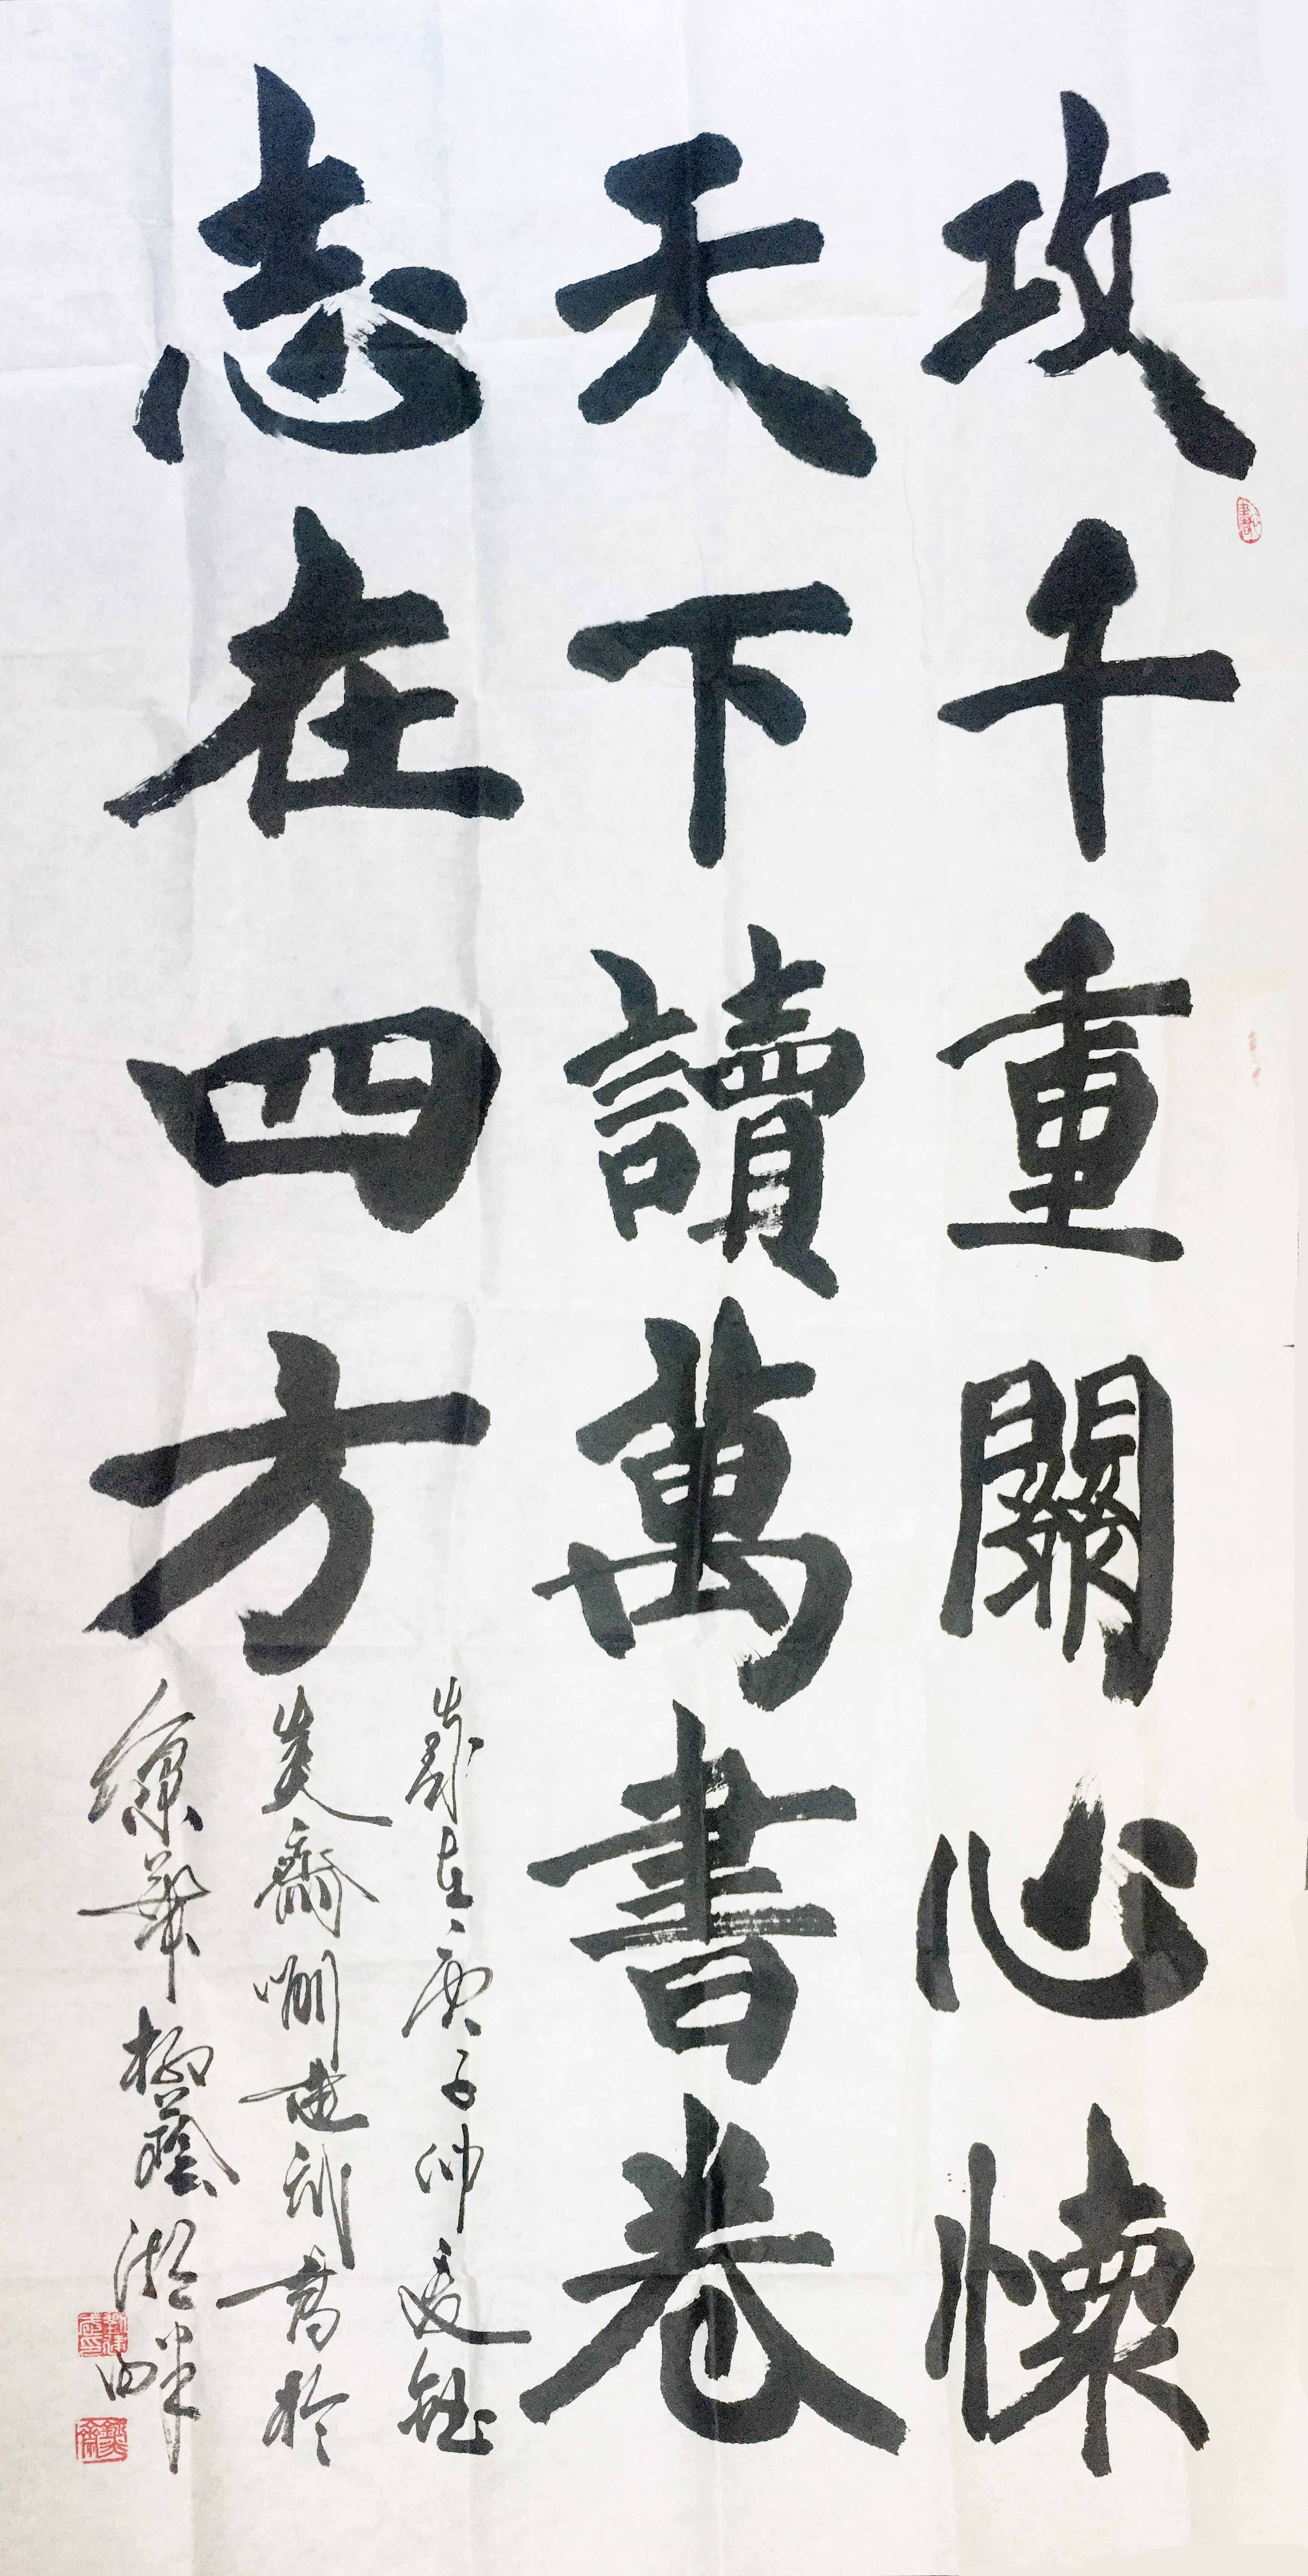 75.刘建武-攻千重关.jpg